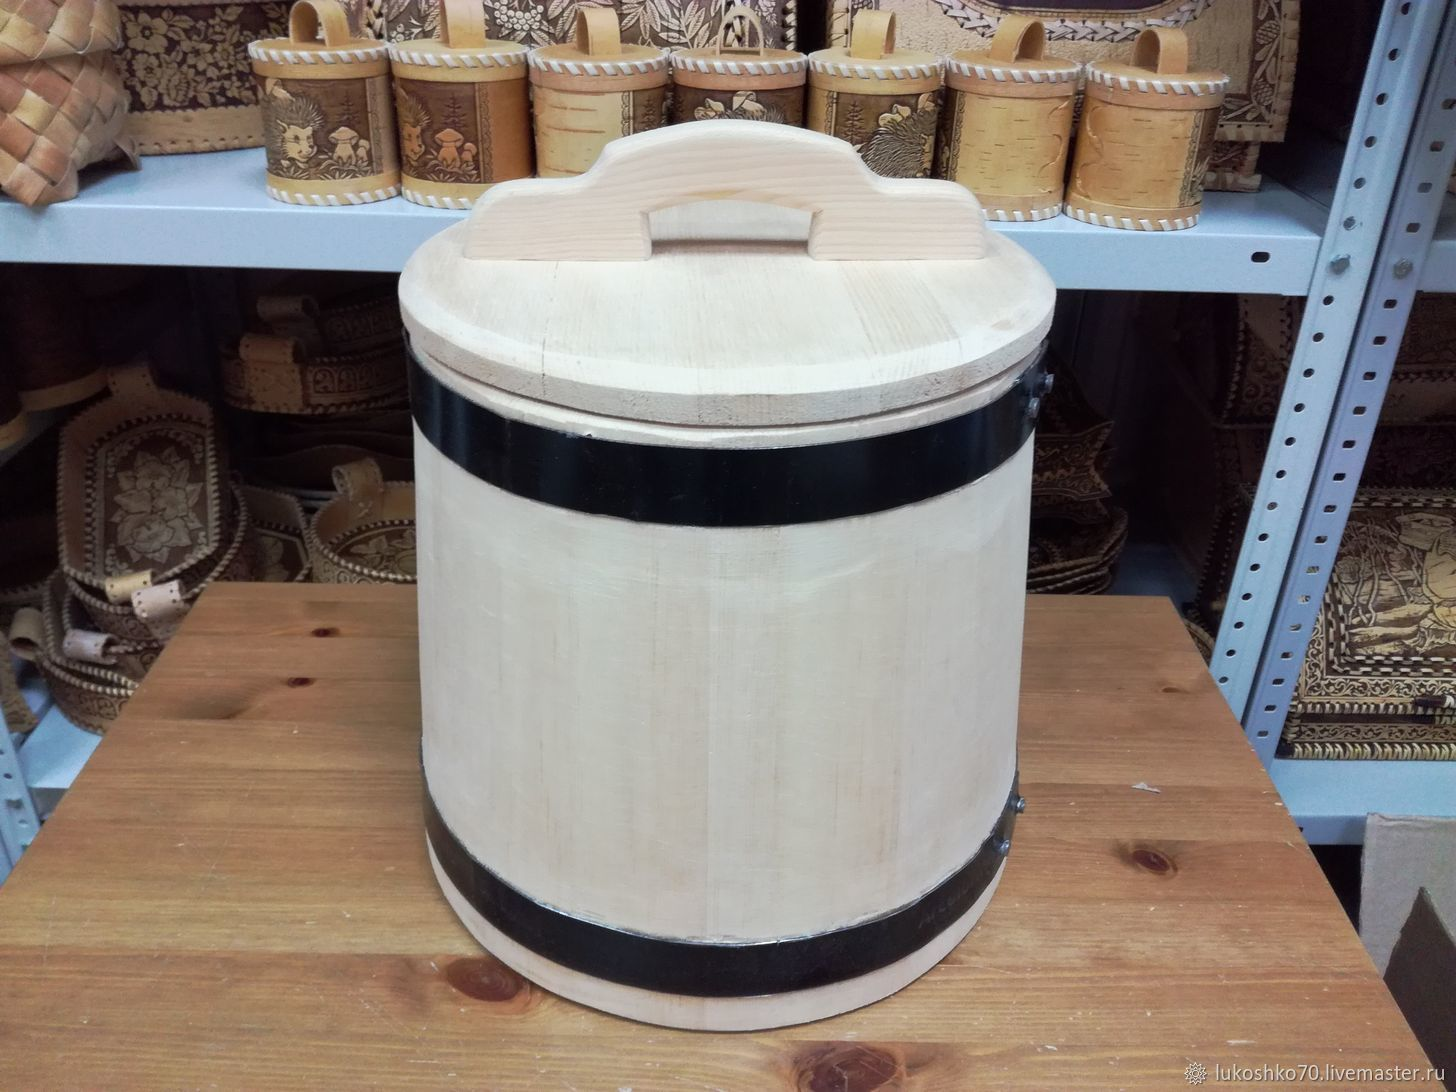 Cedar tub for salting 15 liters. Barrel for pickles, Barrels and tubs, Tomsk,  Фото №1